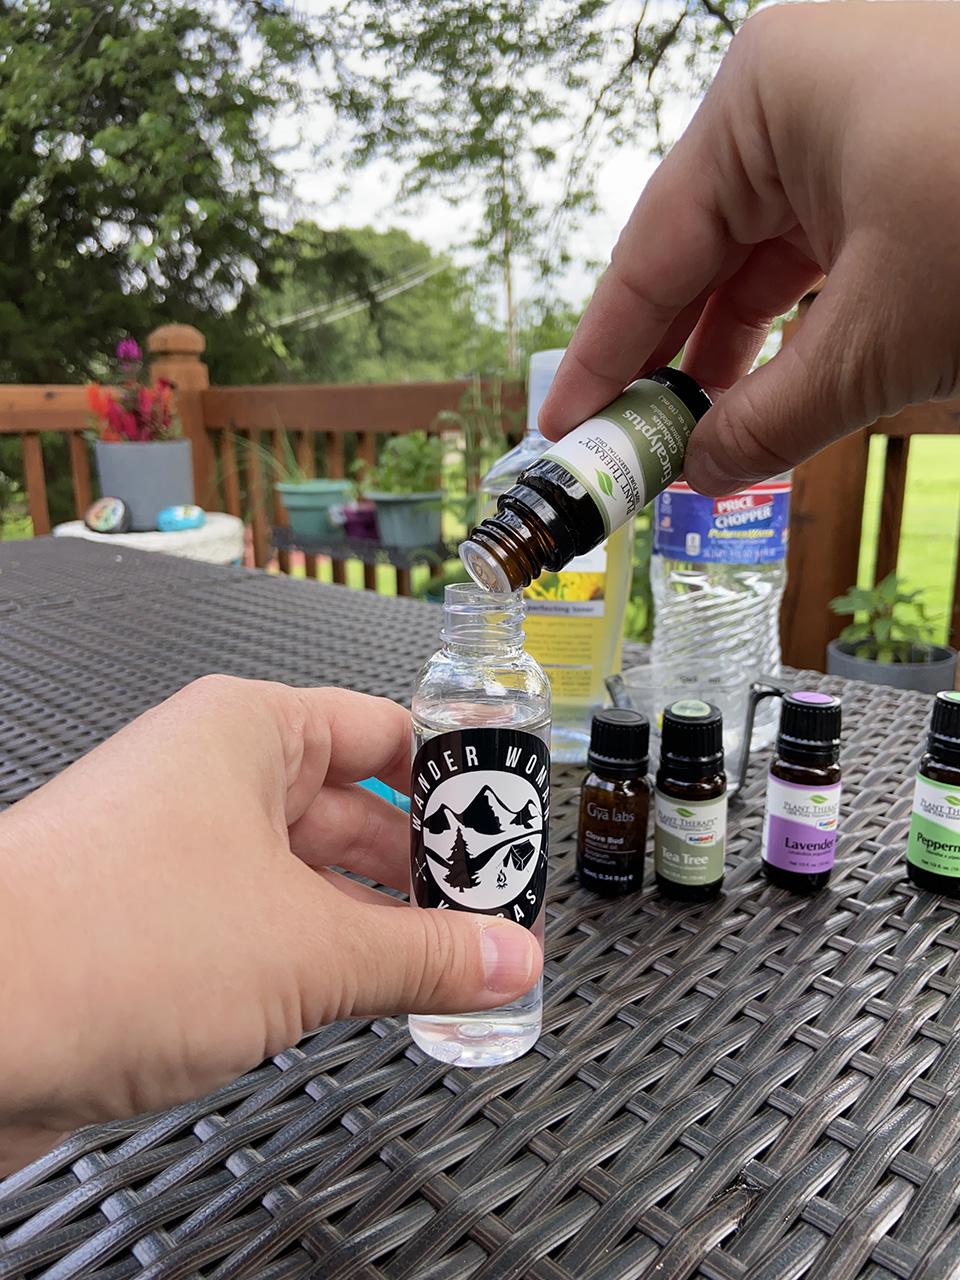 Adding Eucalyptus Essential Oil